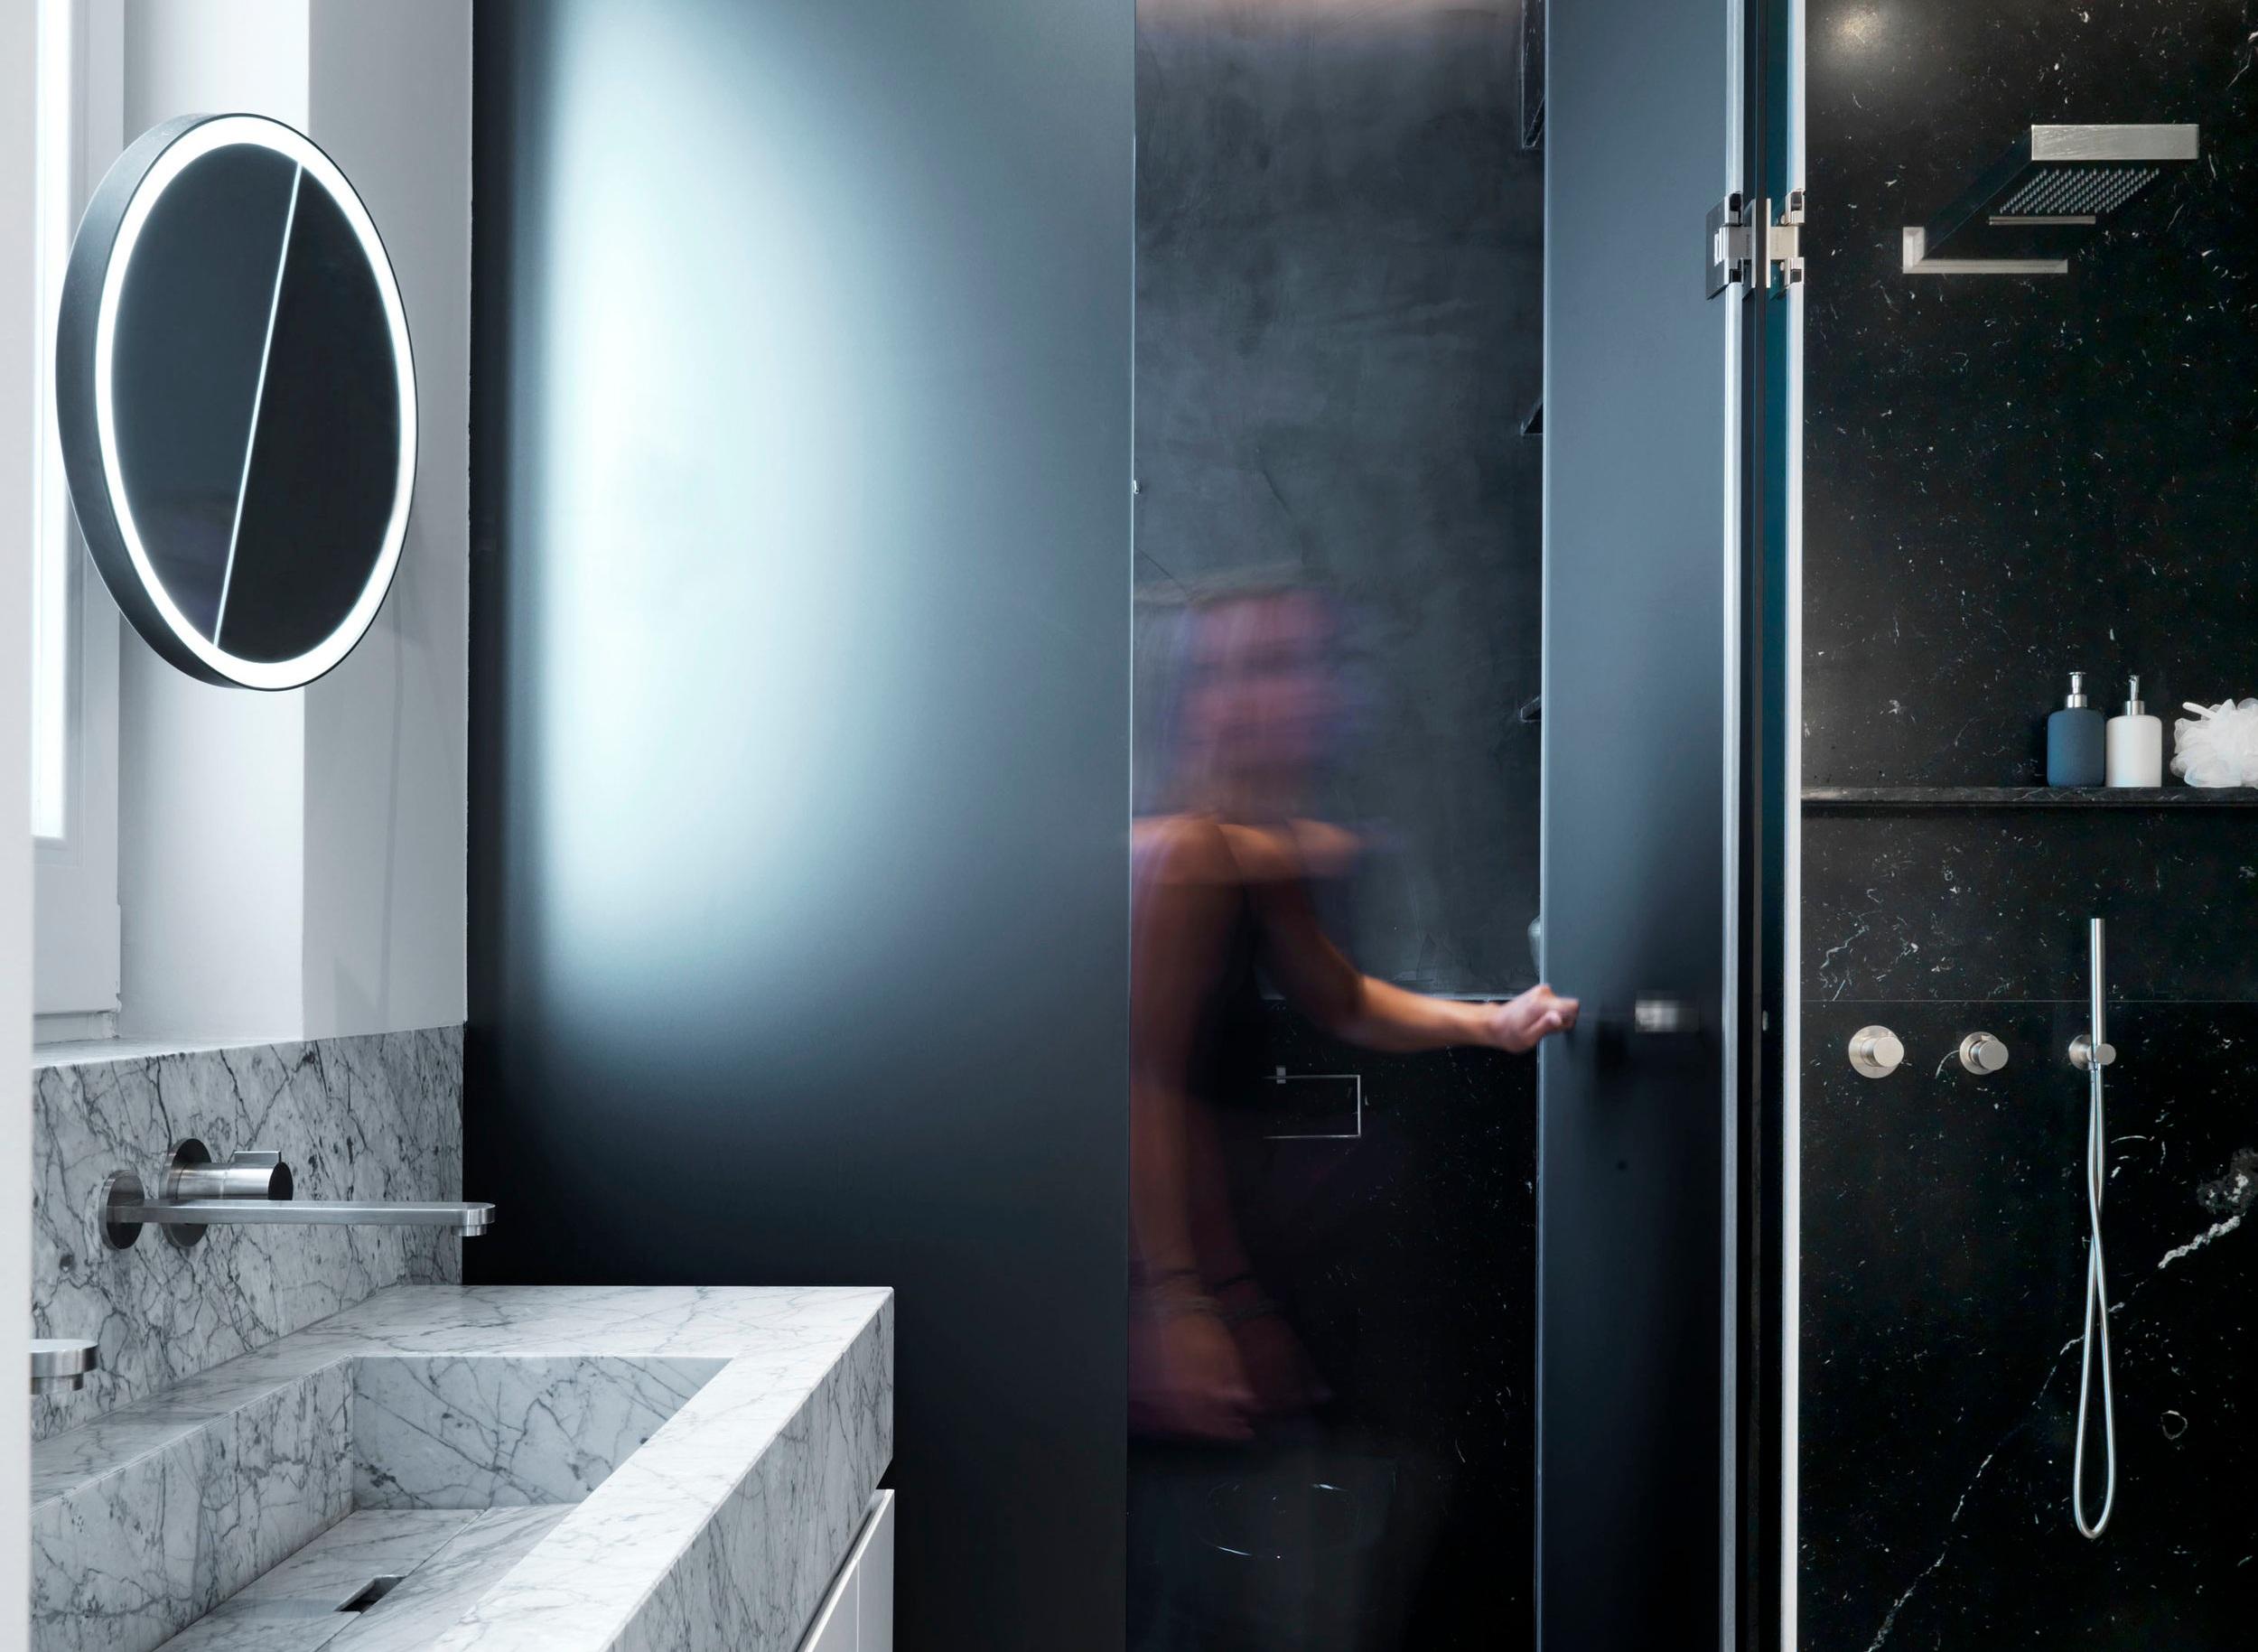 La iluminación: Reina de la casa. - ¿Sabías que la luz puede hacer de tu hogar un lugar más atractivo y mejor decorado?